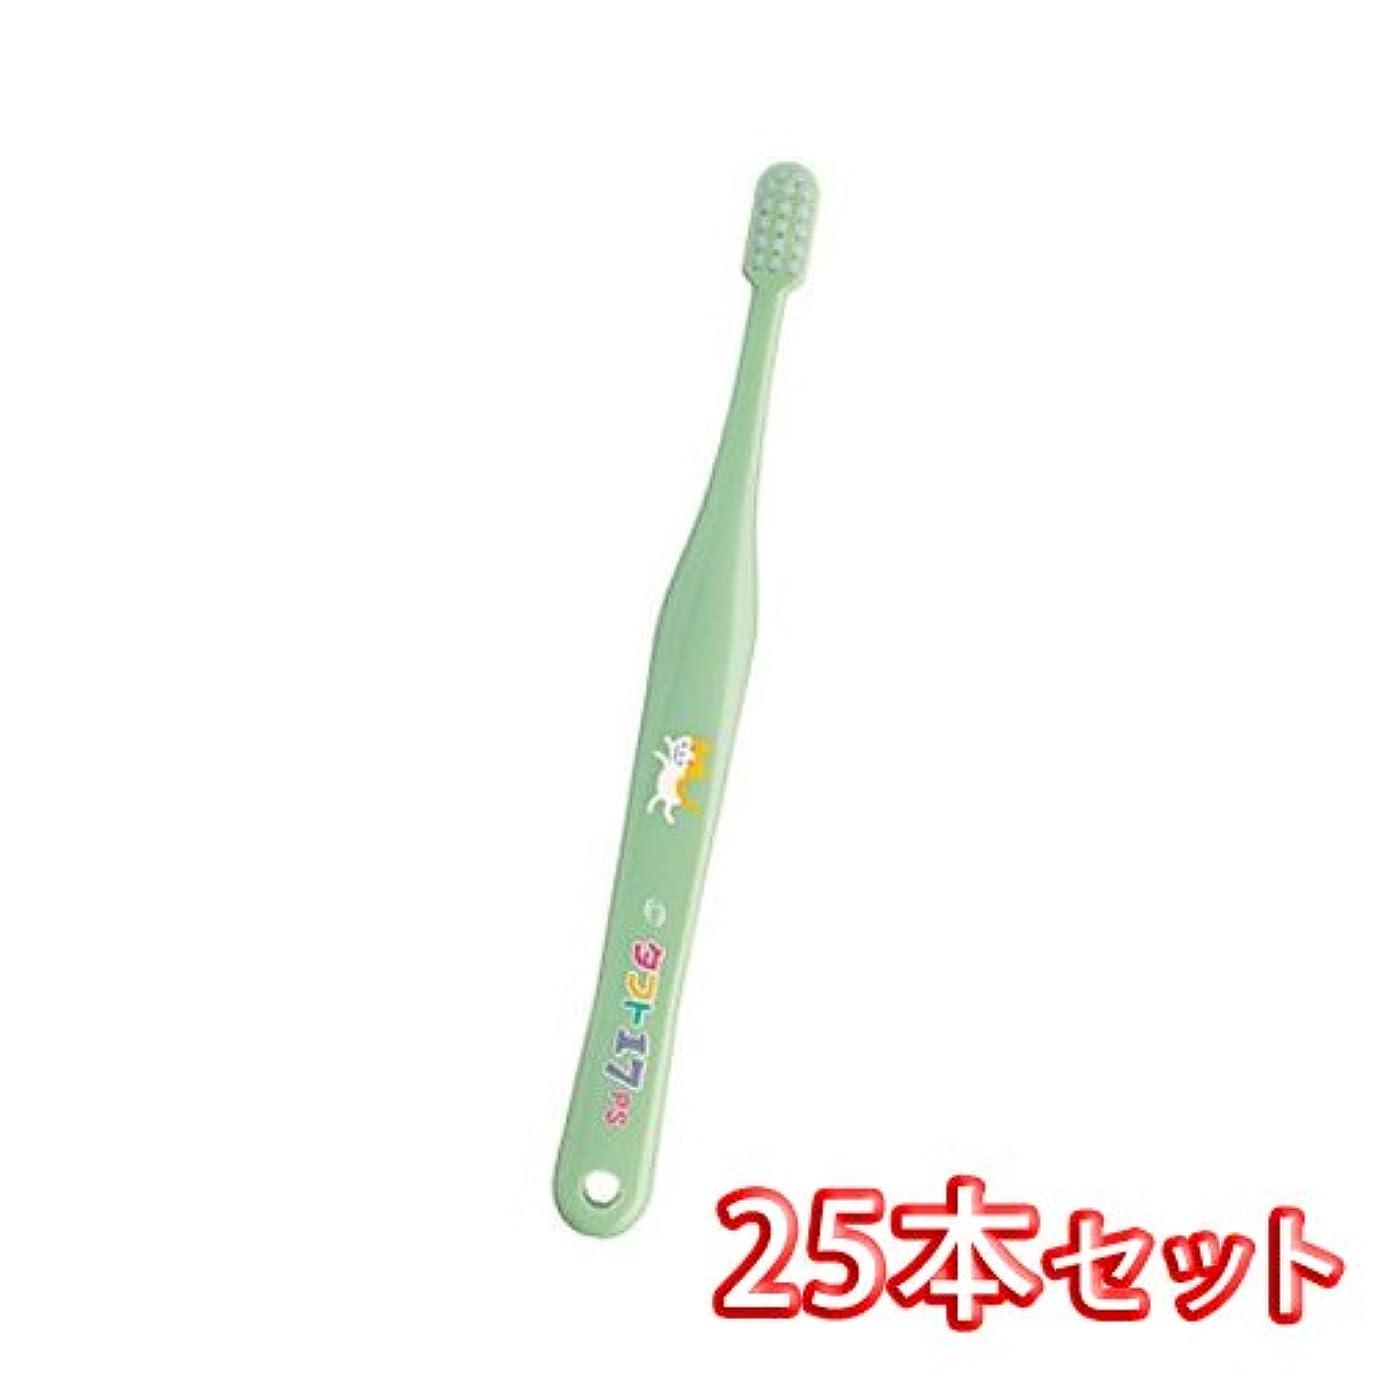 太い啓示オークランドオーラルケア タフト 17 歯ブラシ プレミアムソフト 25本入 (タフト17(PS)グリーン)